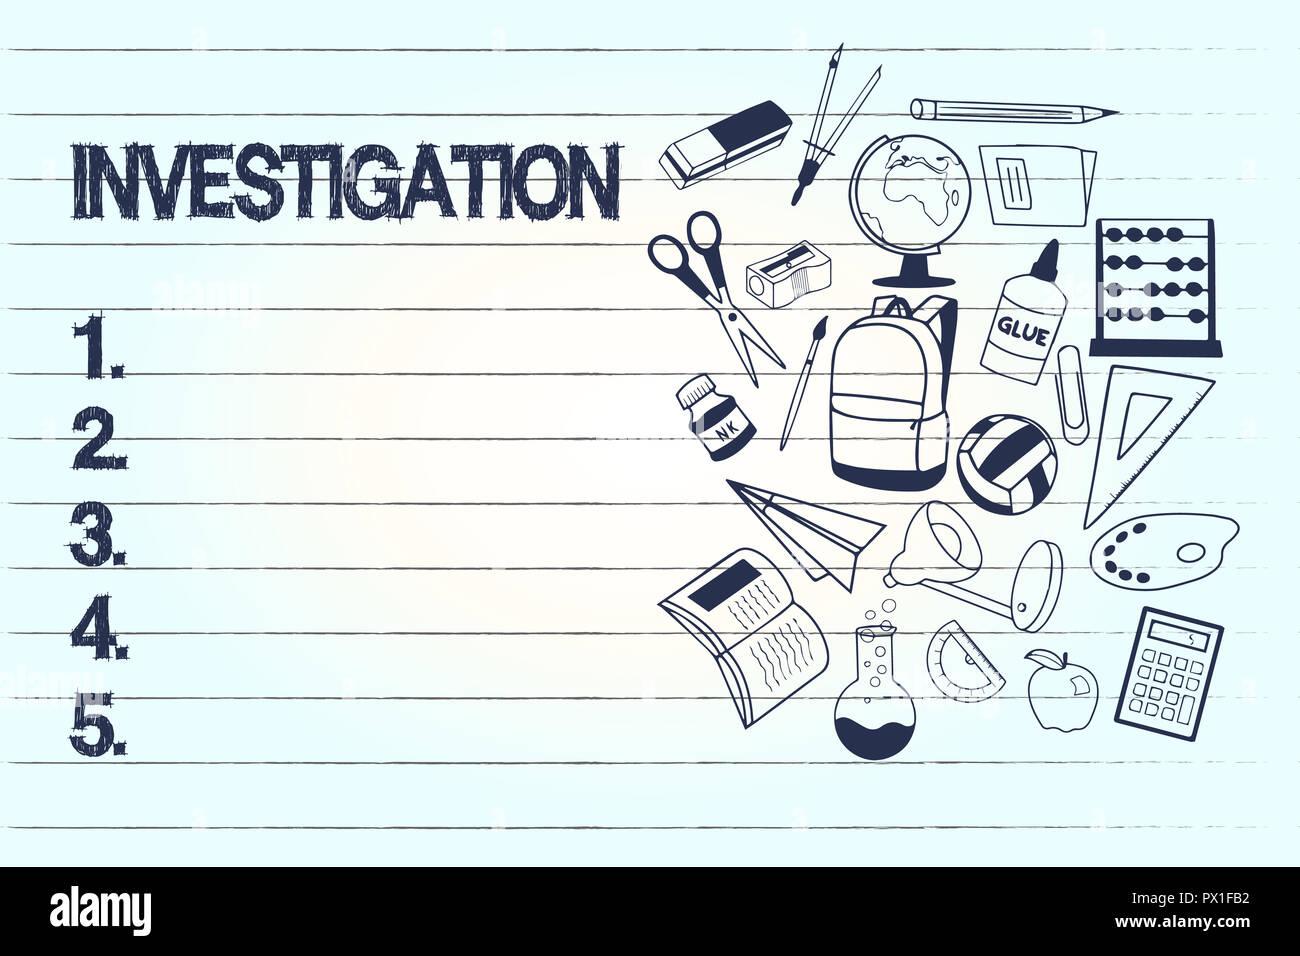 inquiry investigation